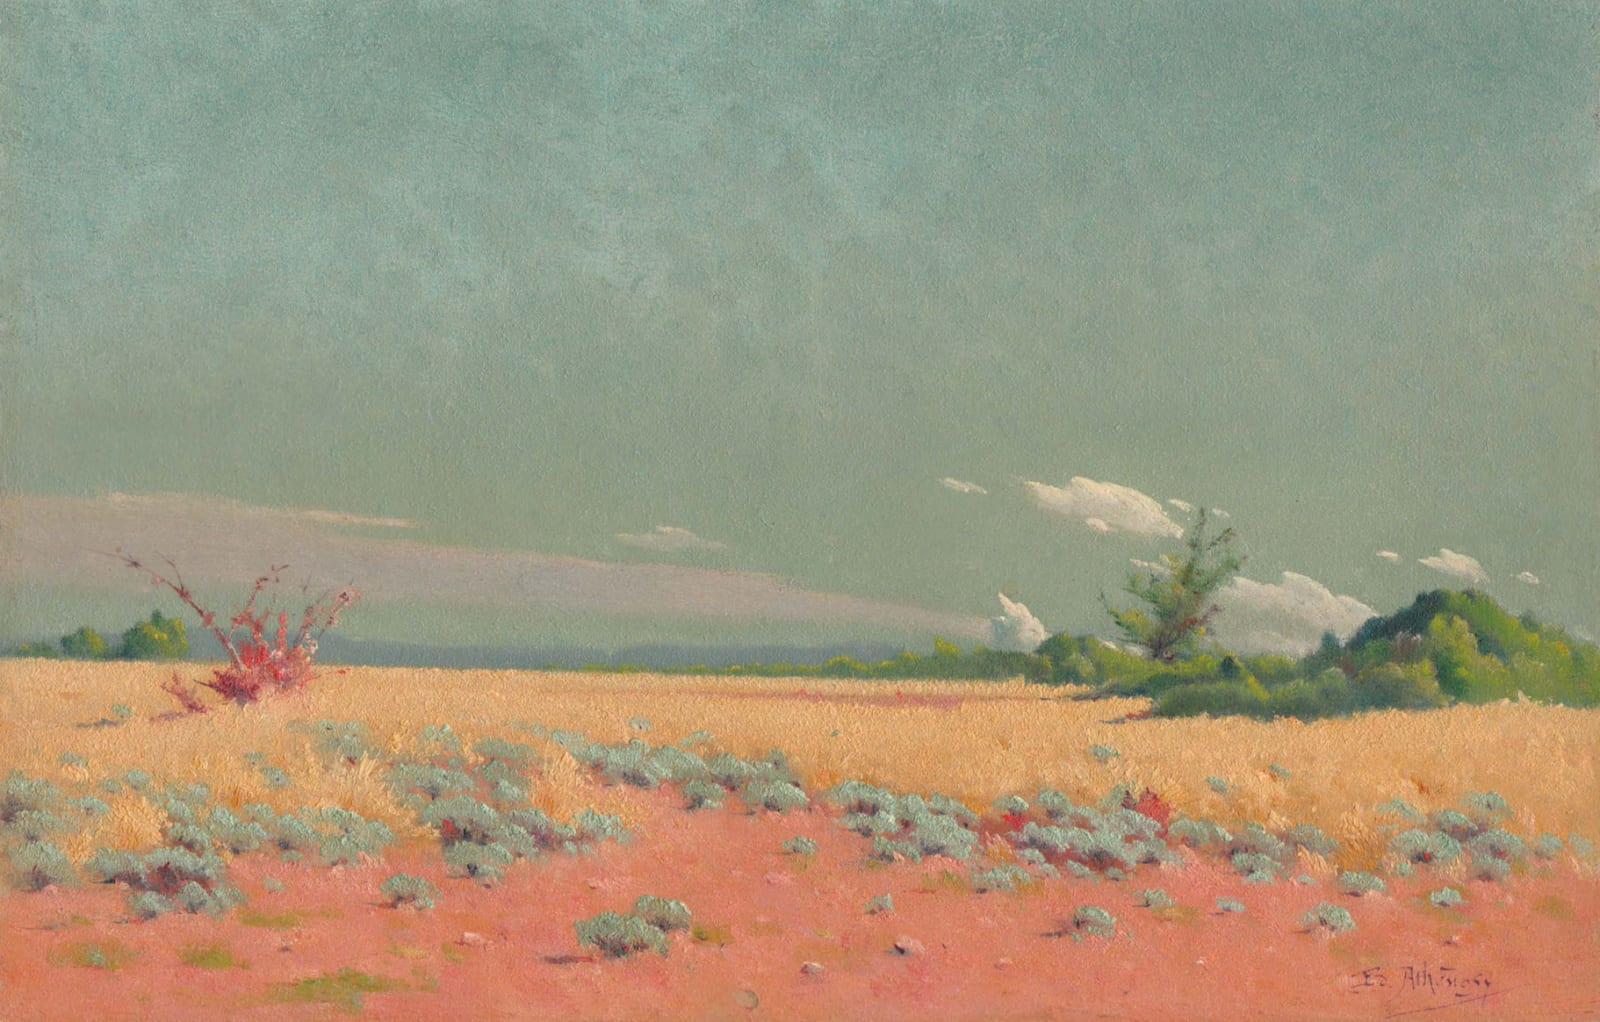 EDOUARD ATHÉNOSY, A dry summer, 1917